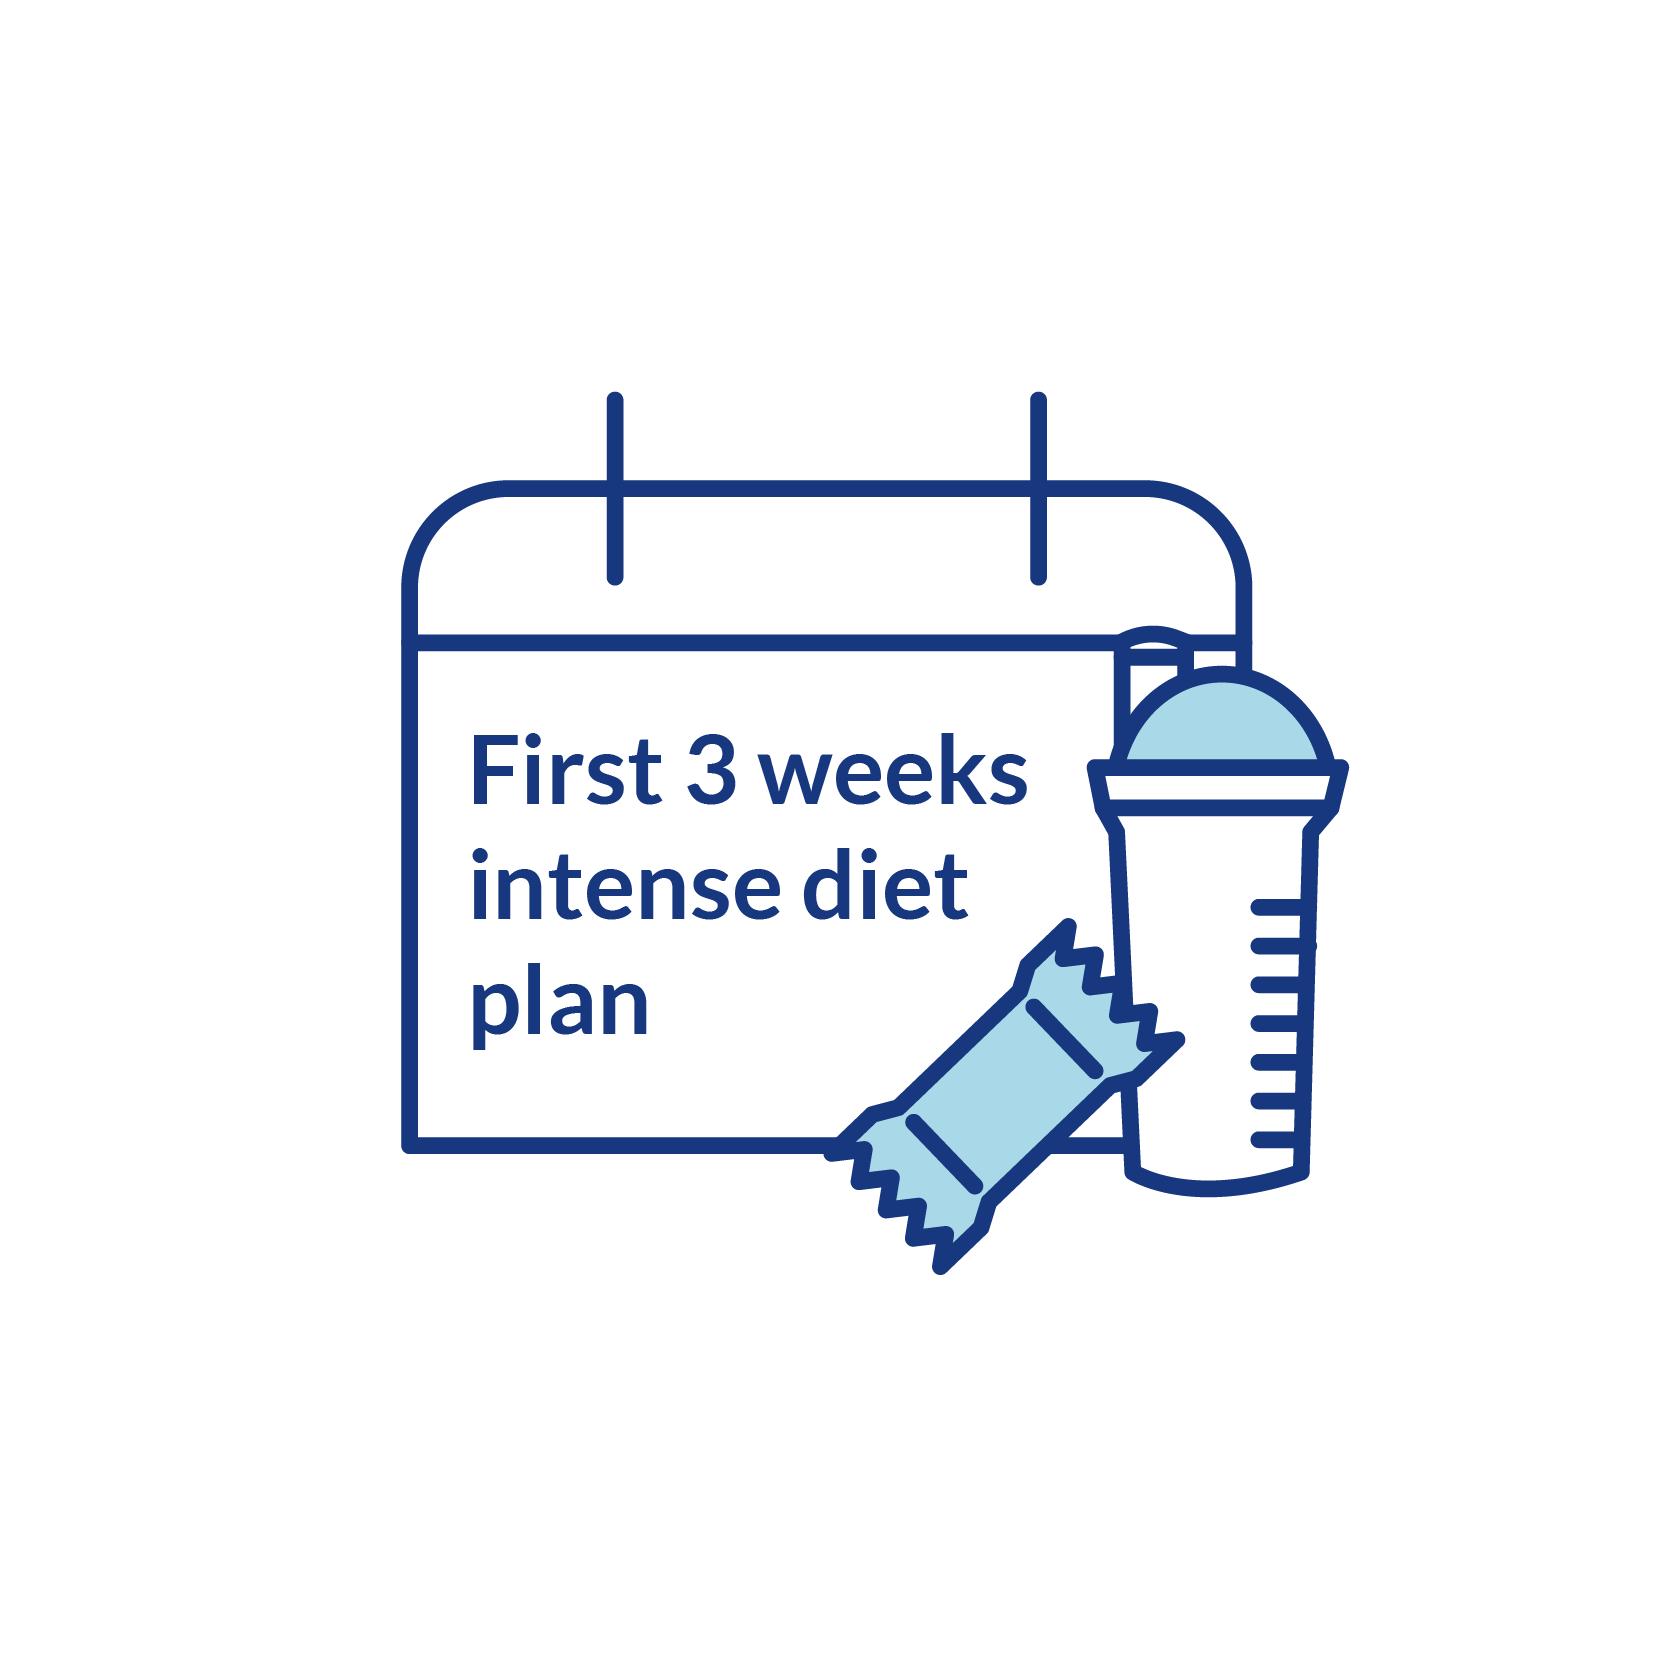 First 3 weeks intense diet plan